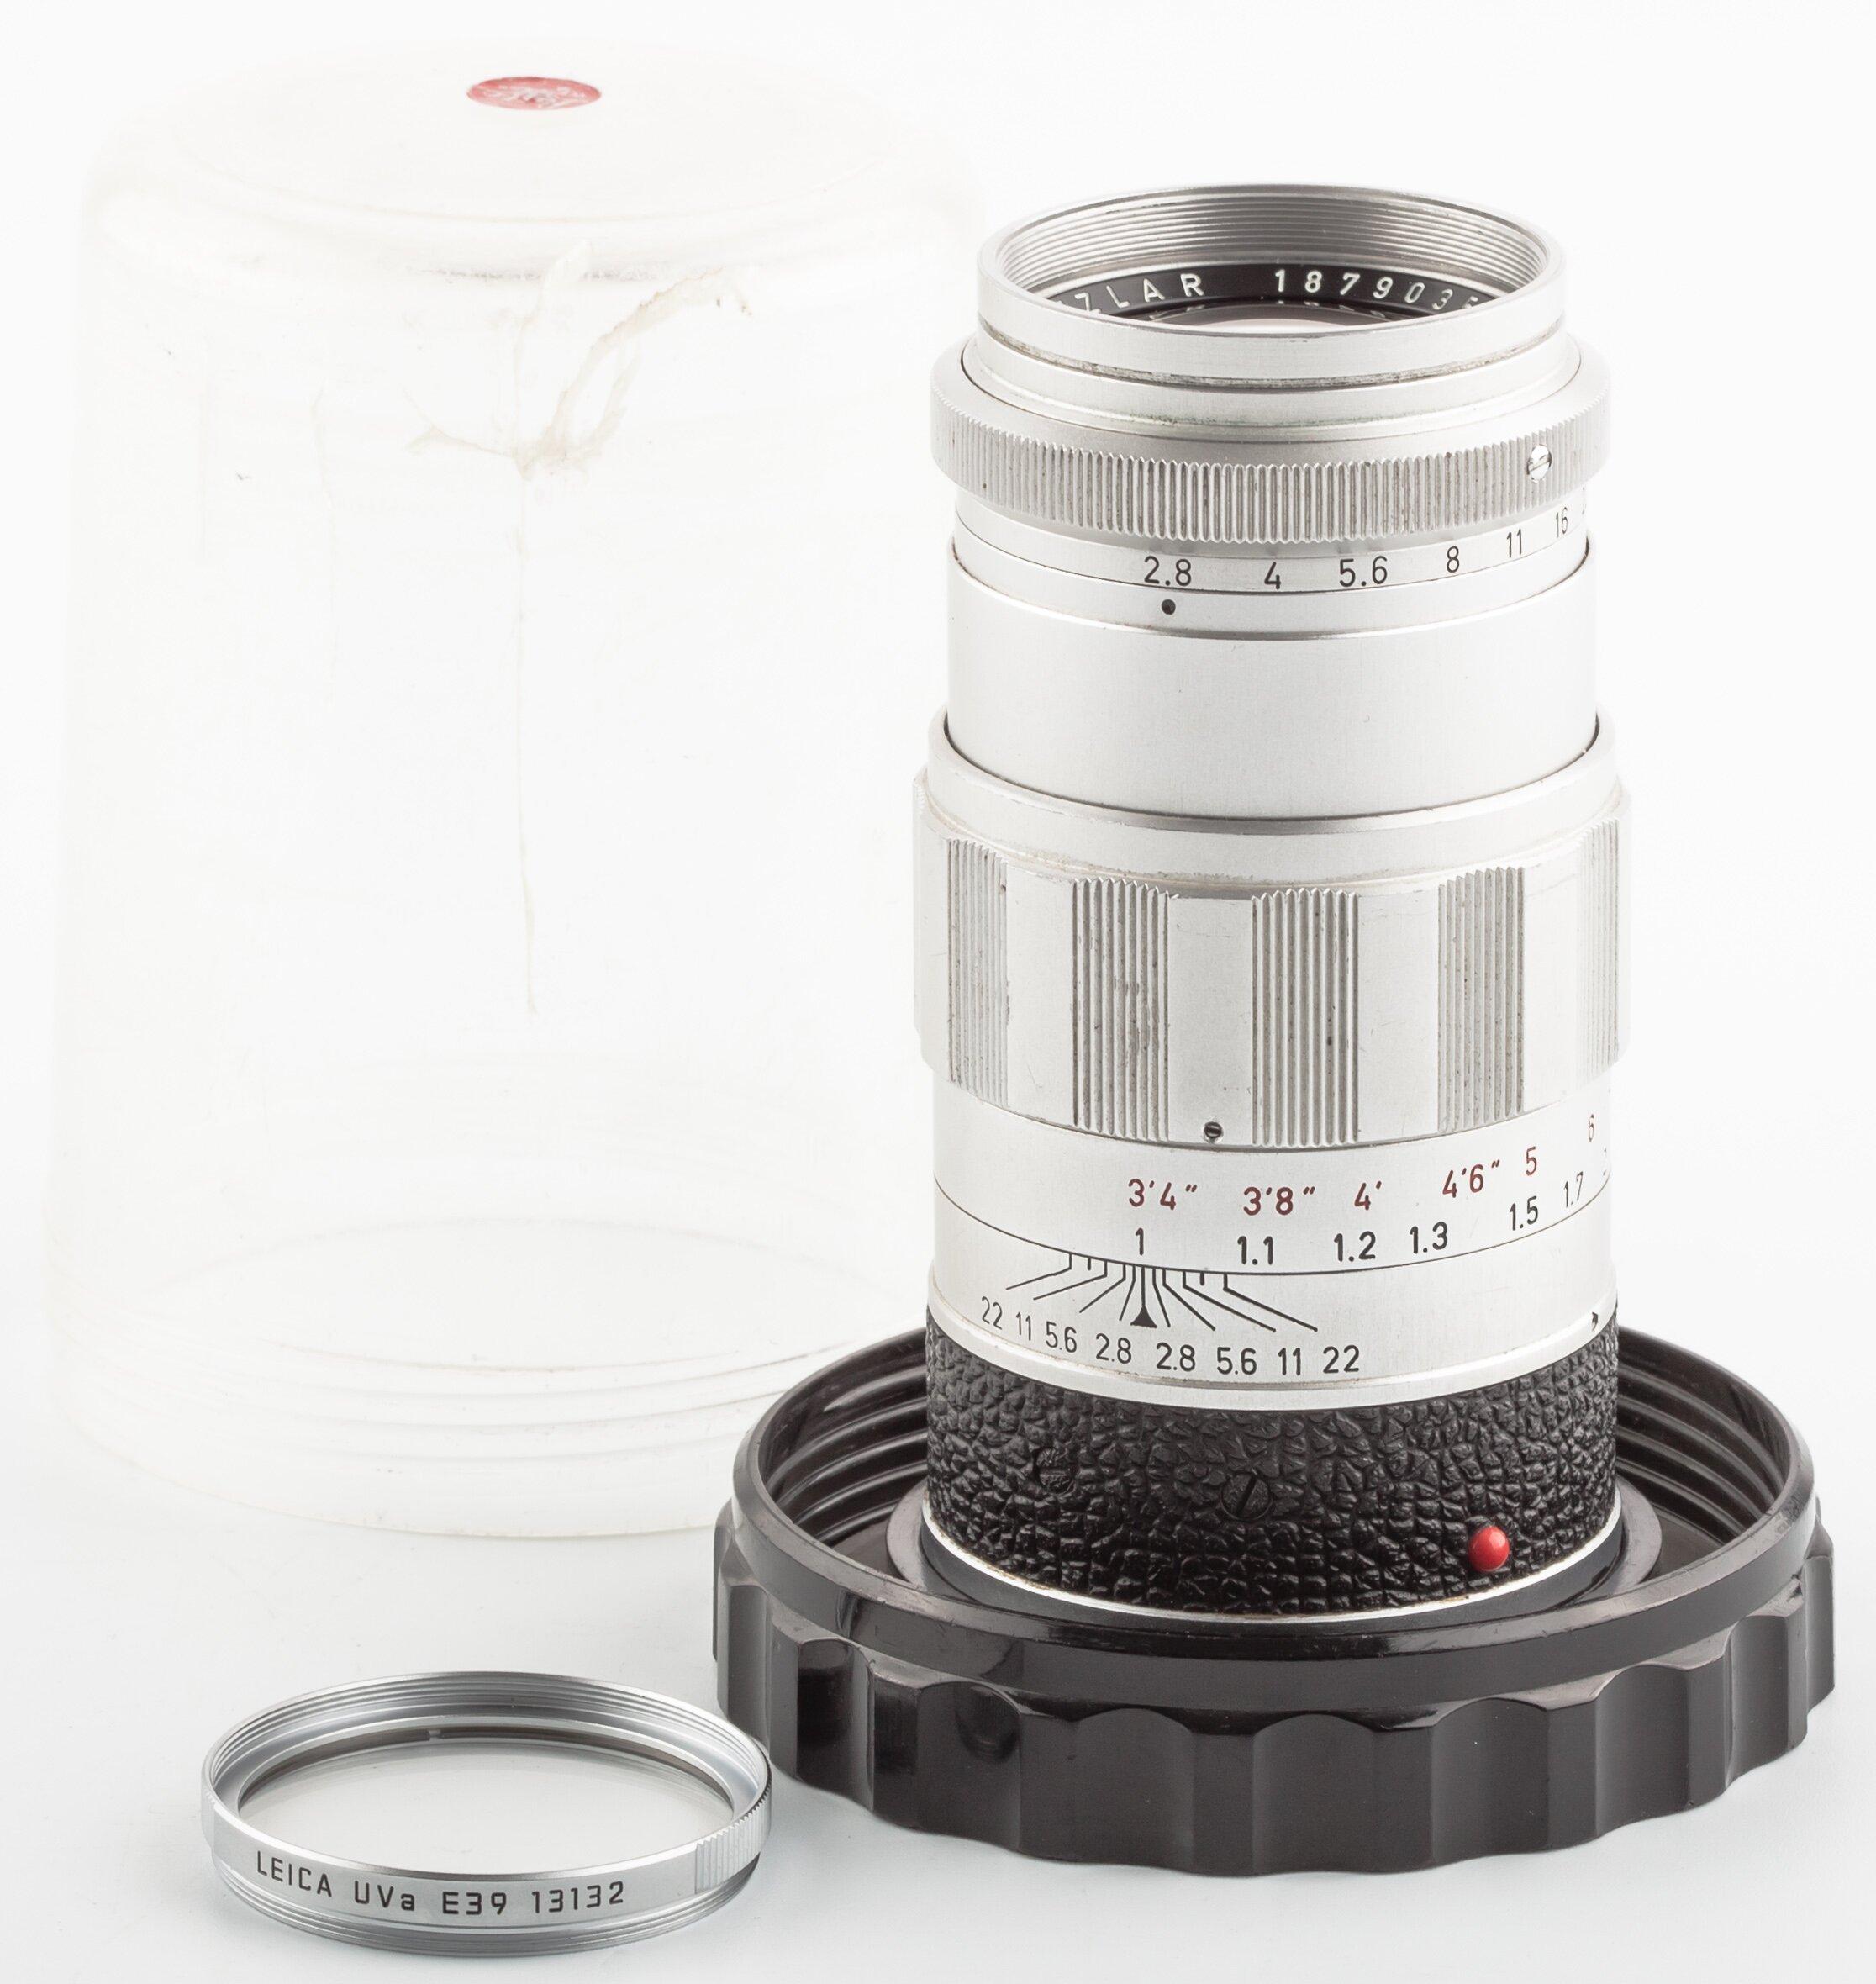 Leica M Elmarit 90 mm 2.8 ELRIM 11129